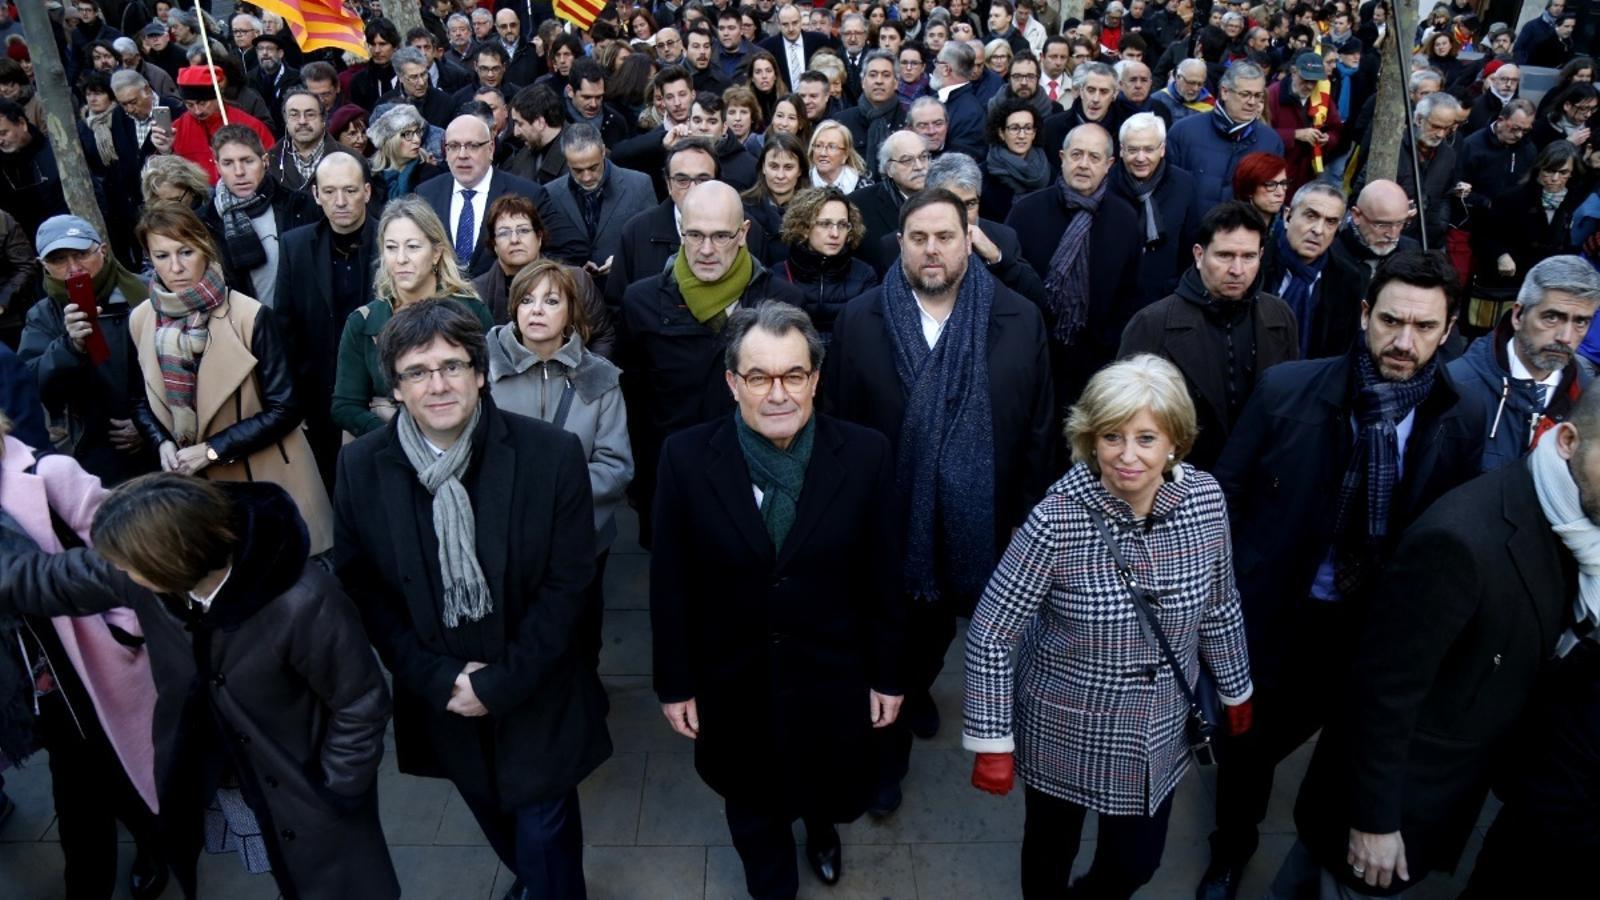 DES DE CASA - Página 13 Puigdemont-Mas-comitiva-dirigint-se-TSJC_1737436359_38103826_766x565